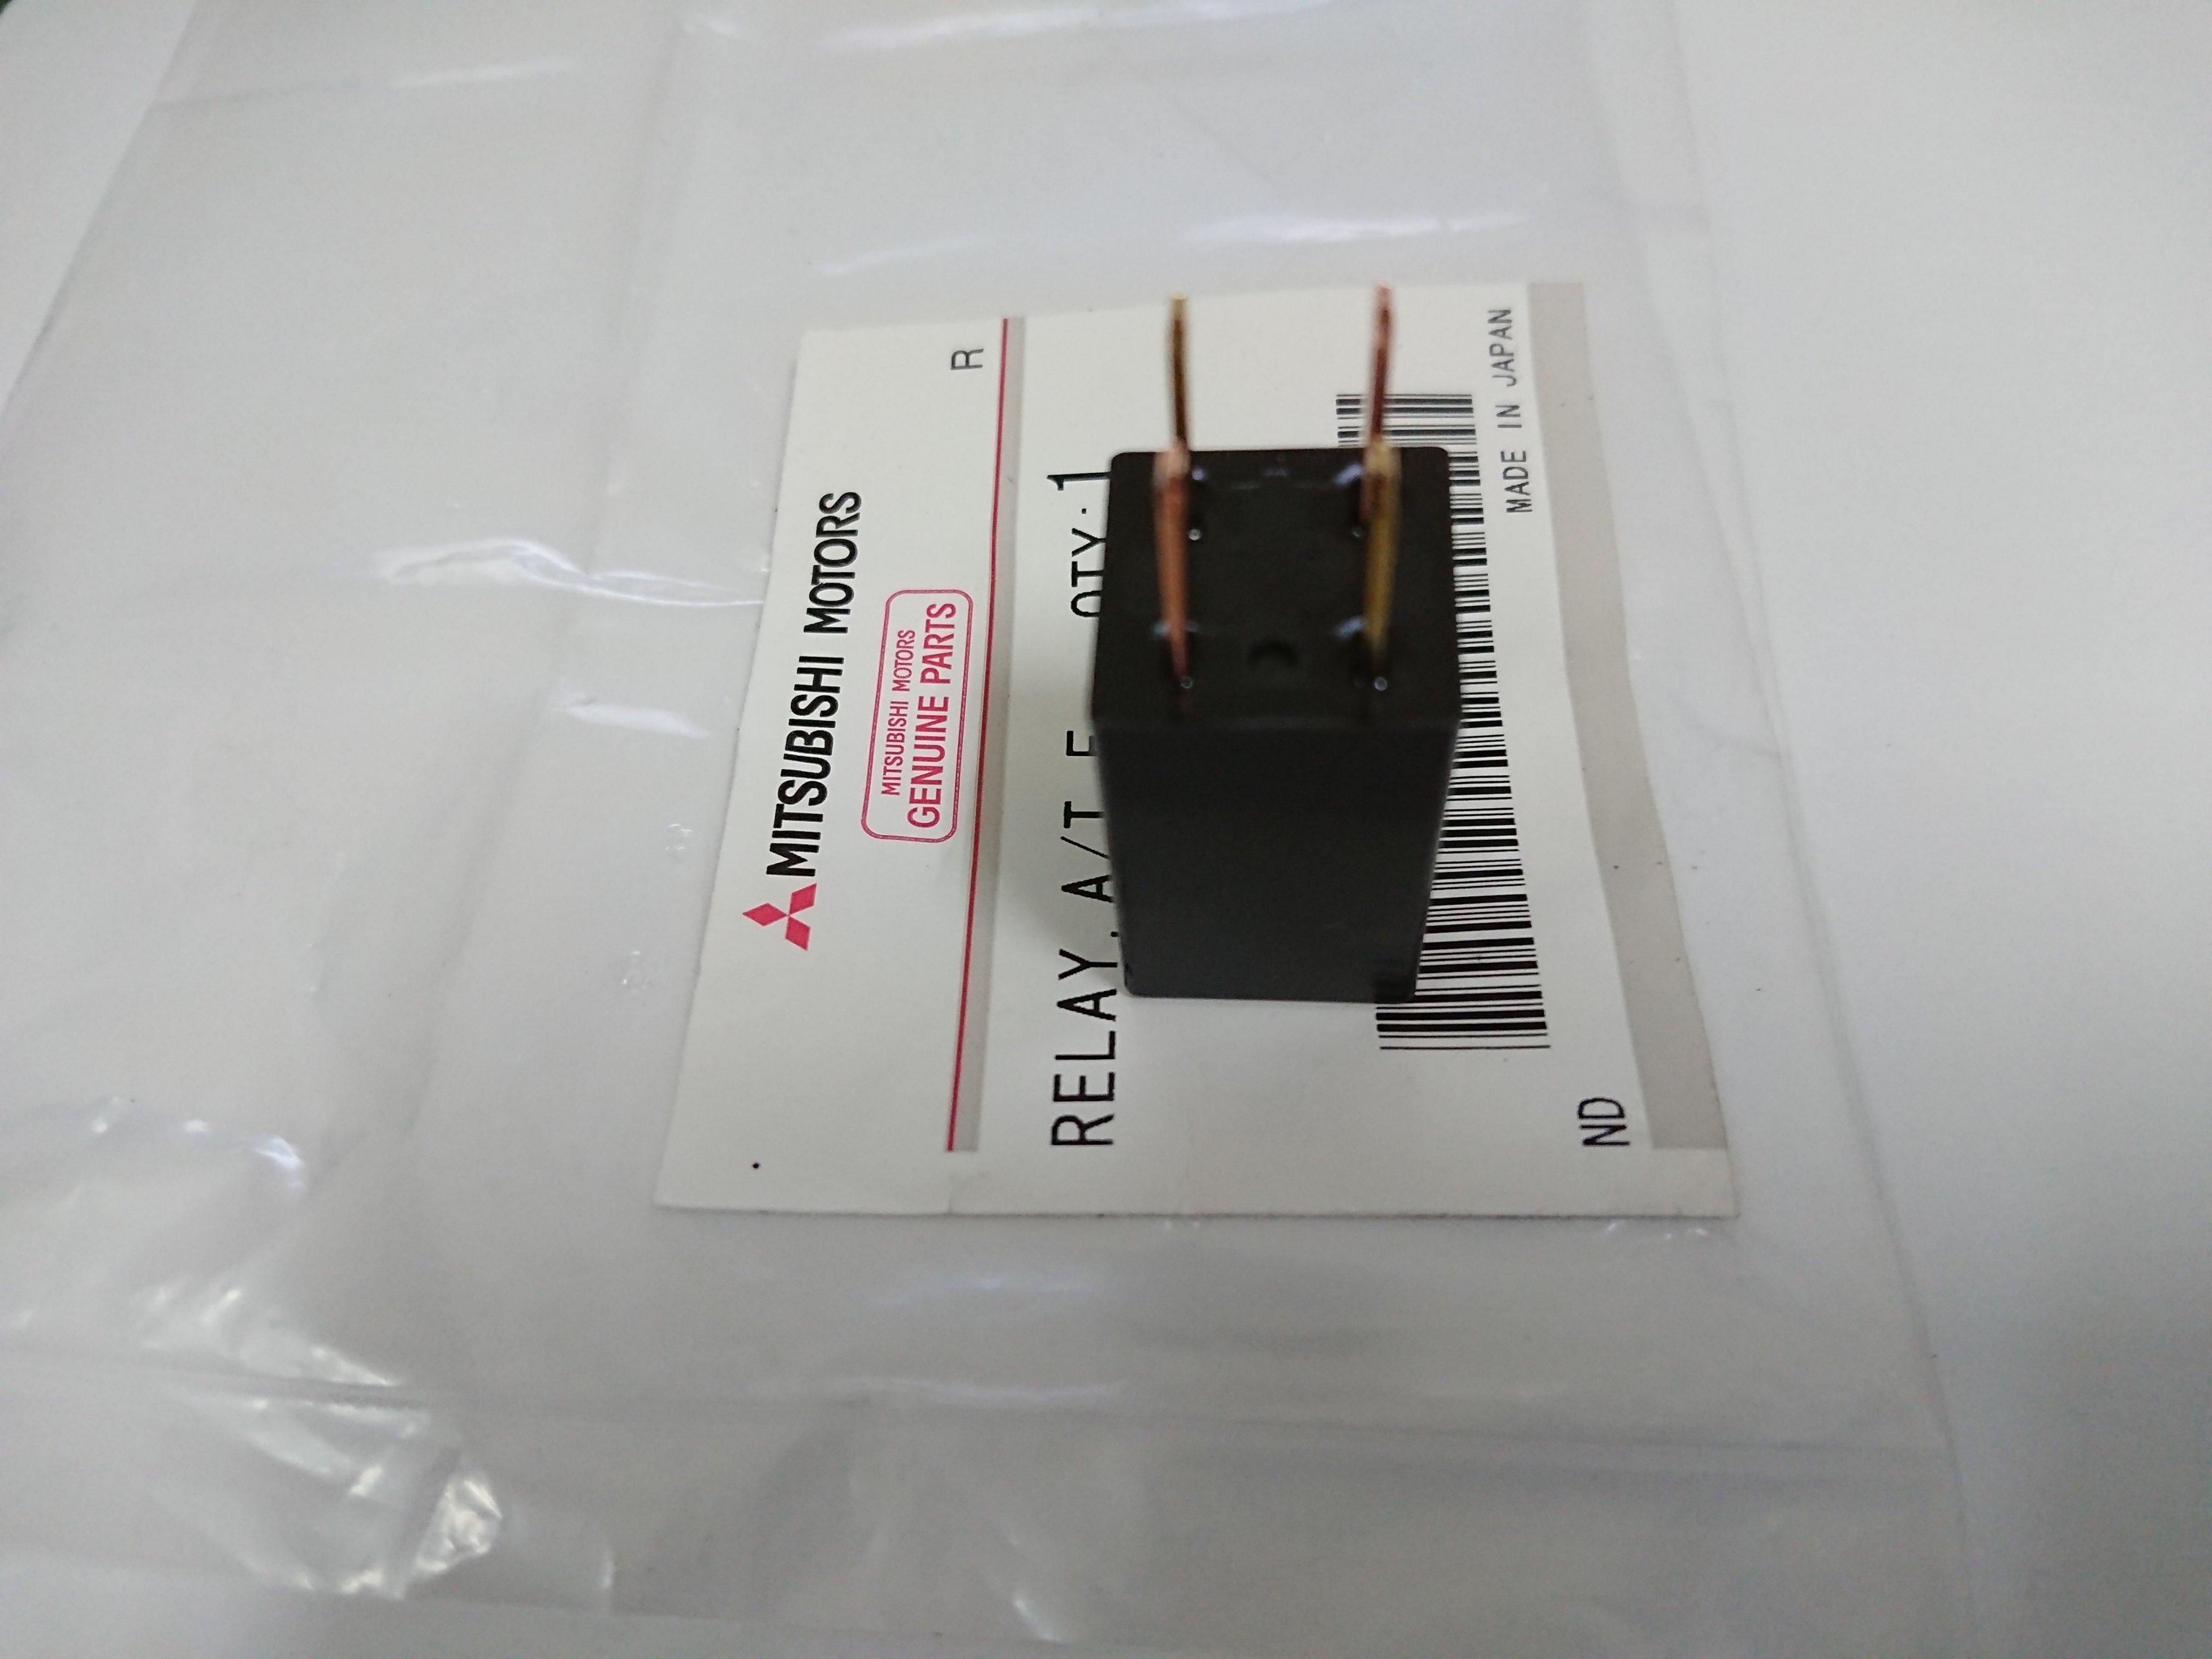 日本三菱原廠 GLOBAL LANCER VIRAGE GRUNDER 冷氣 汽油幫浦 電動幫浦 引擎 繼電器 4P針狀